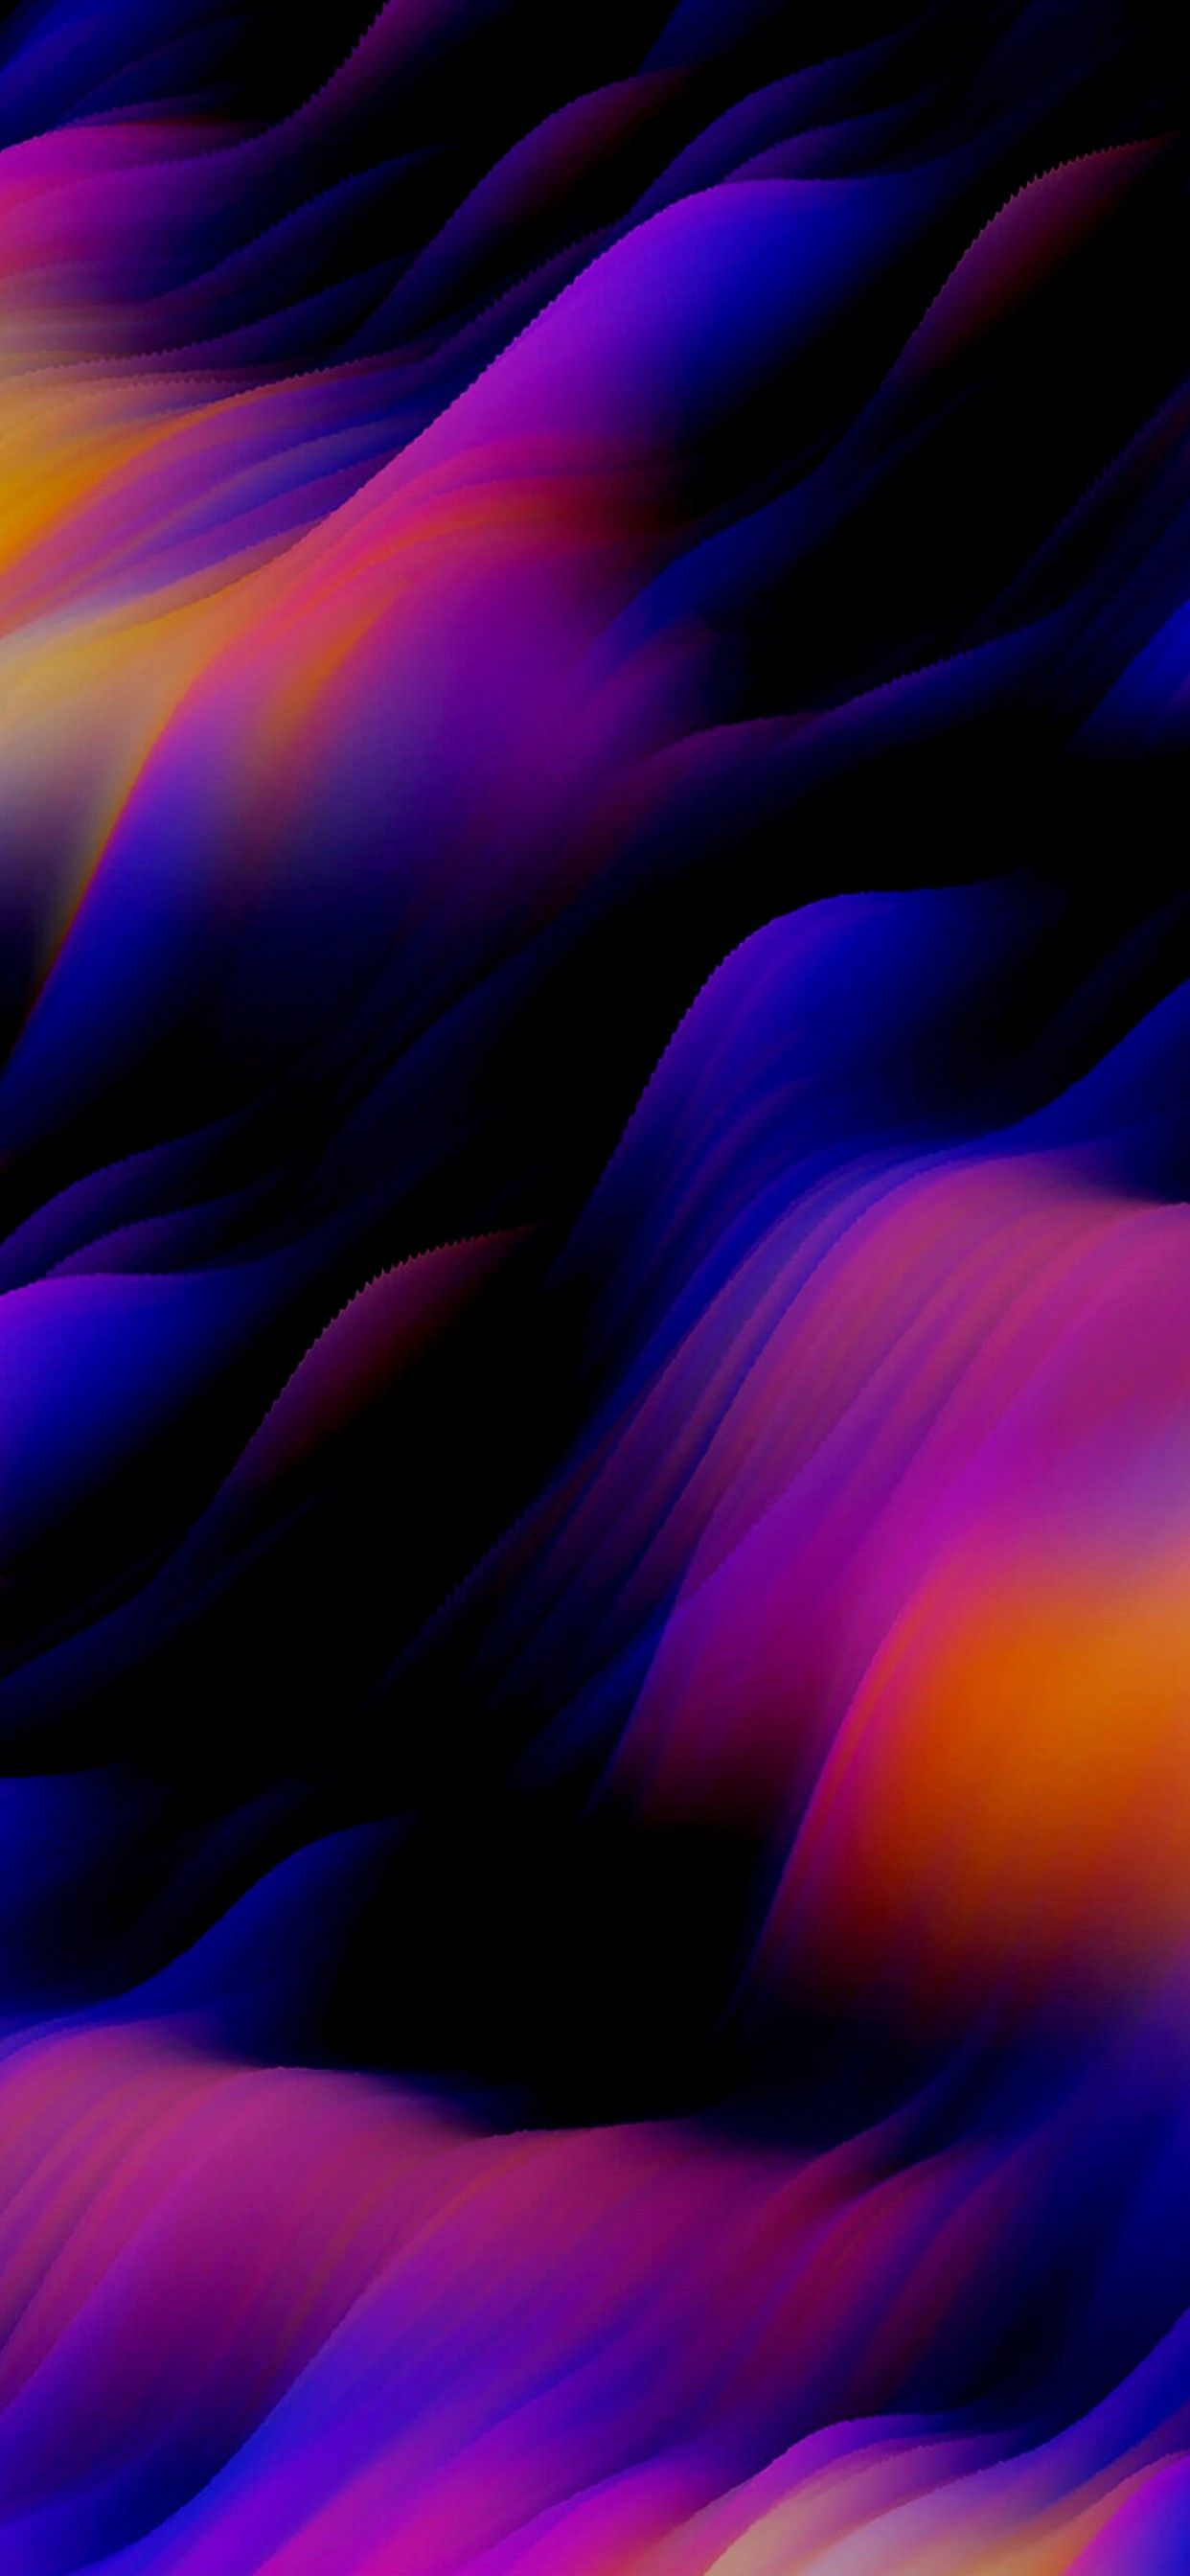 Idea by Iyan Sofyan on Abstract °Amoled °Liquid °Gradient